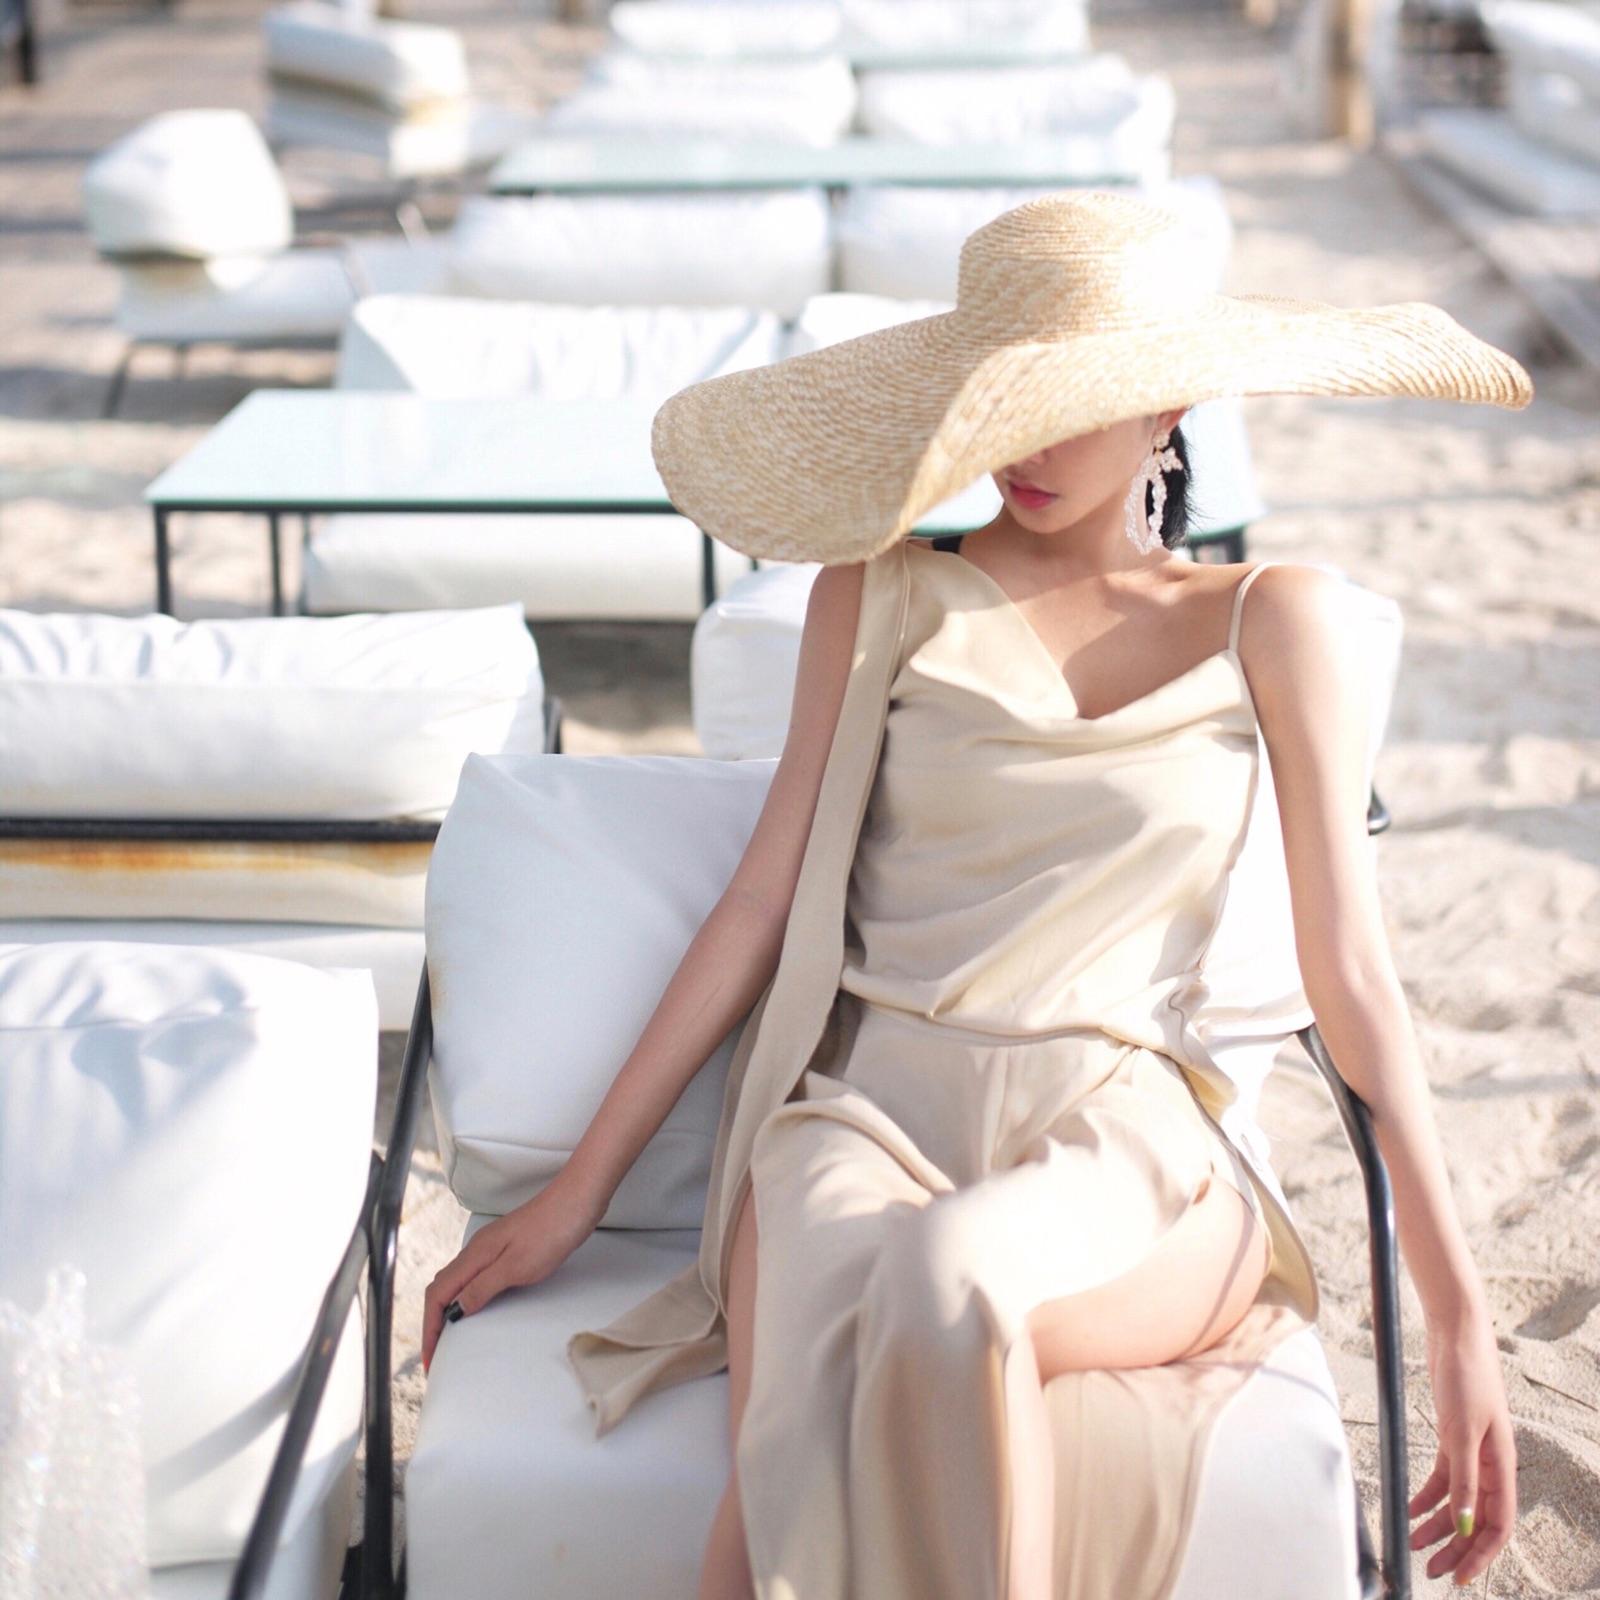 阳光的味道 奶油米飘带背心 大开叉沙滩裤 内有防走光短裤